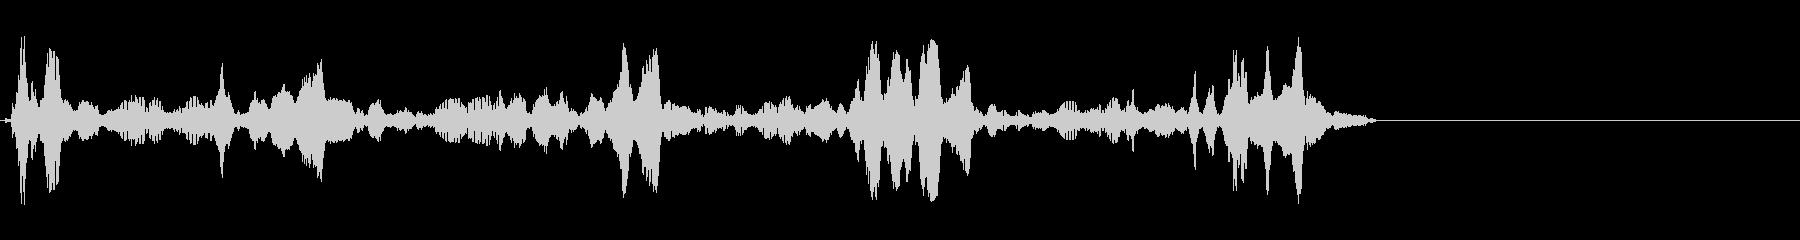 トランペット:バンブルビーアクセン...の未再生の波形